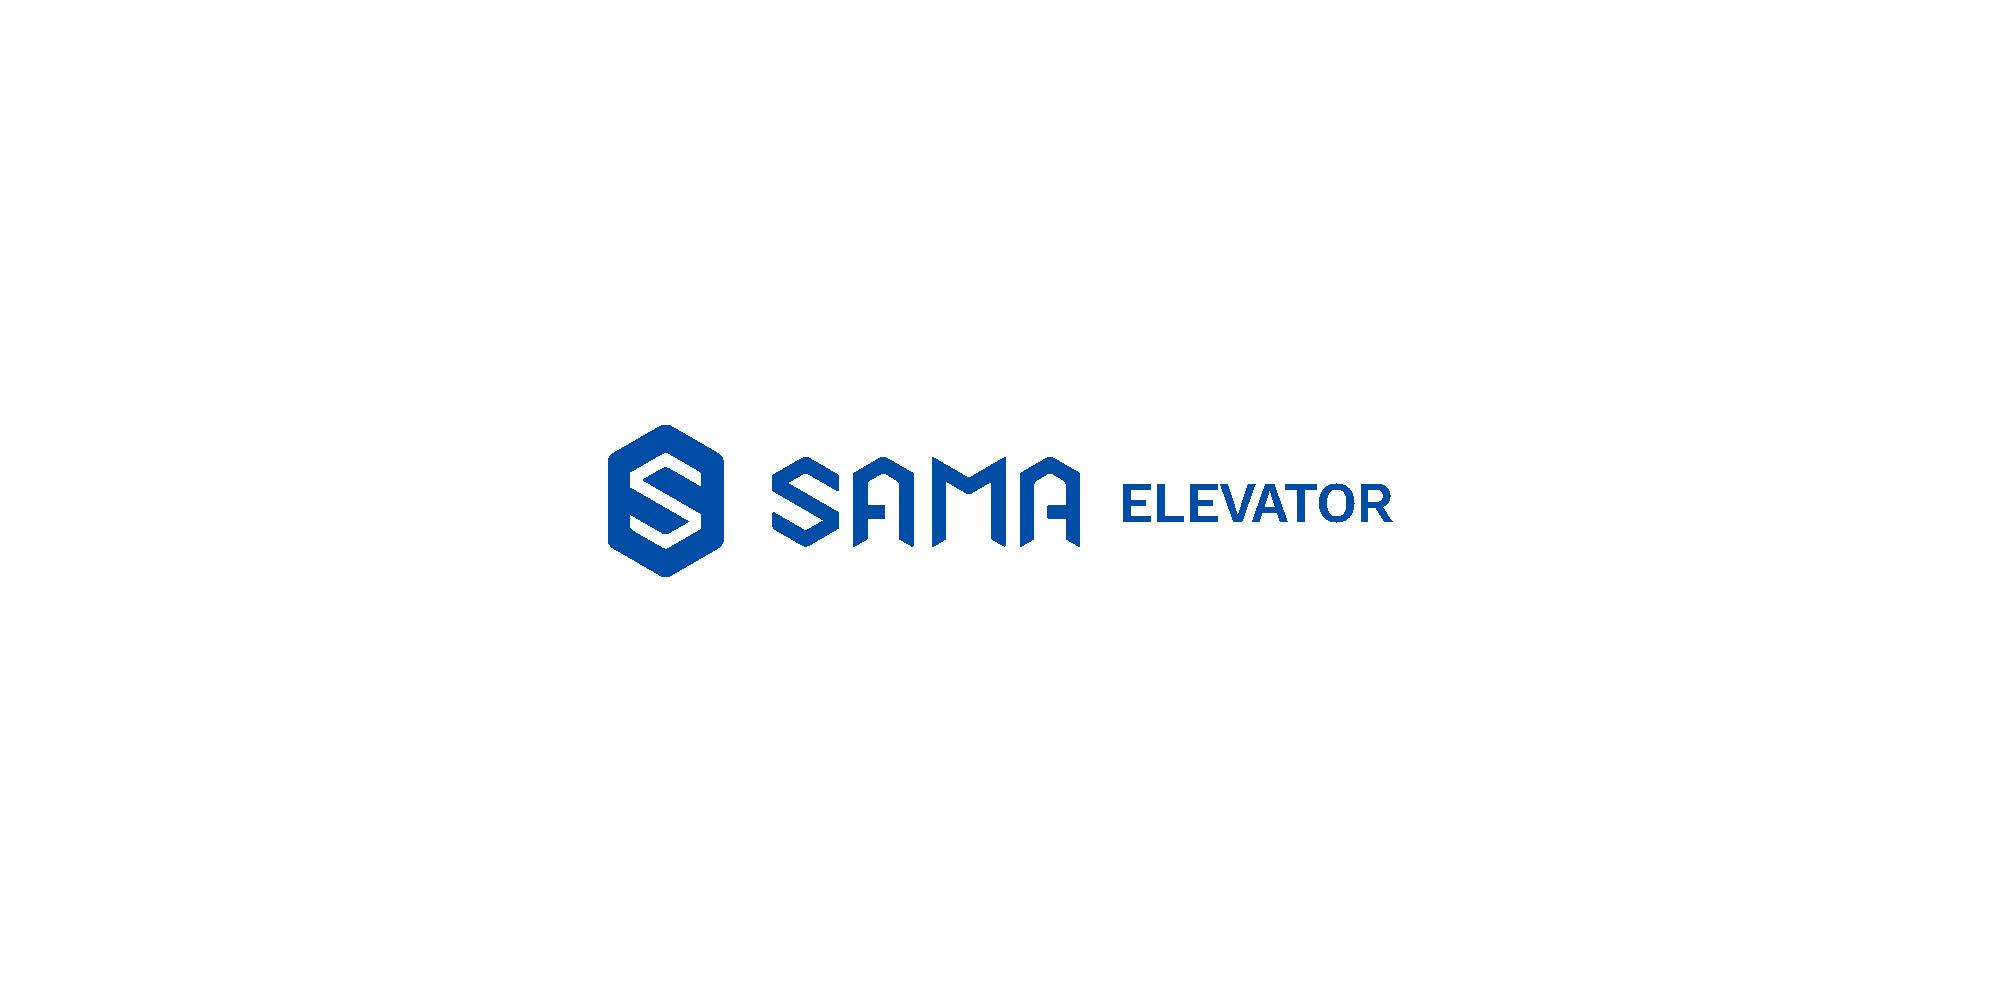 Sama Elevator